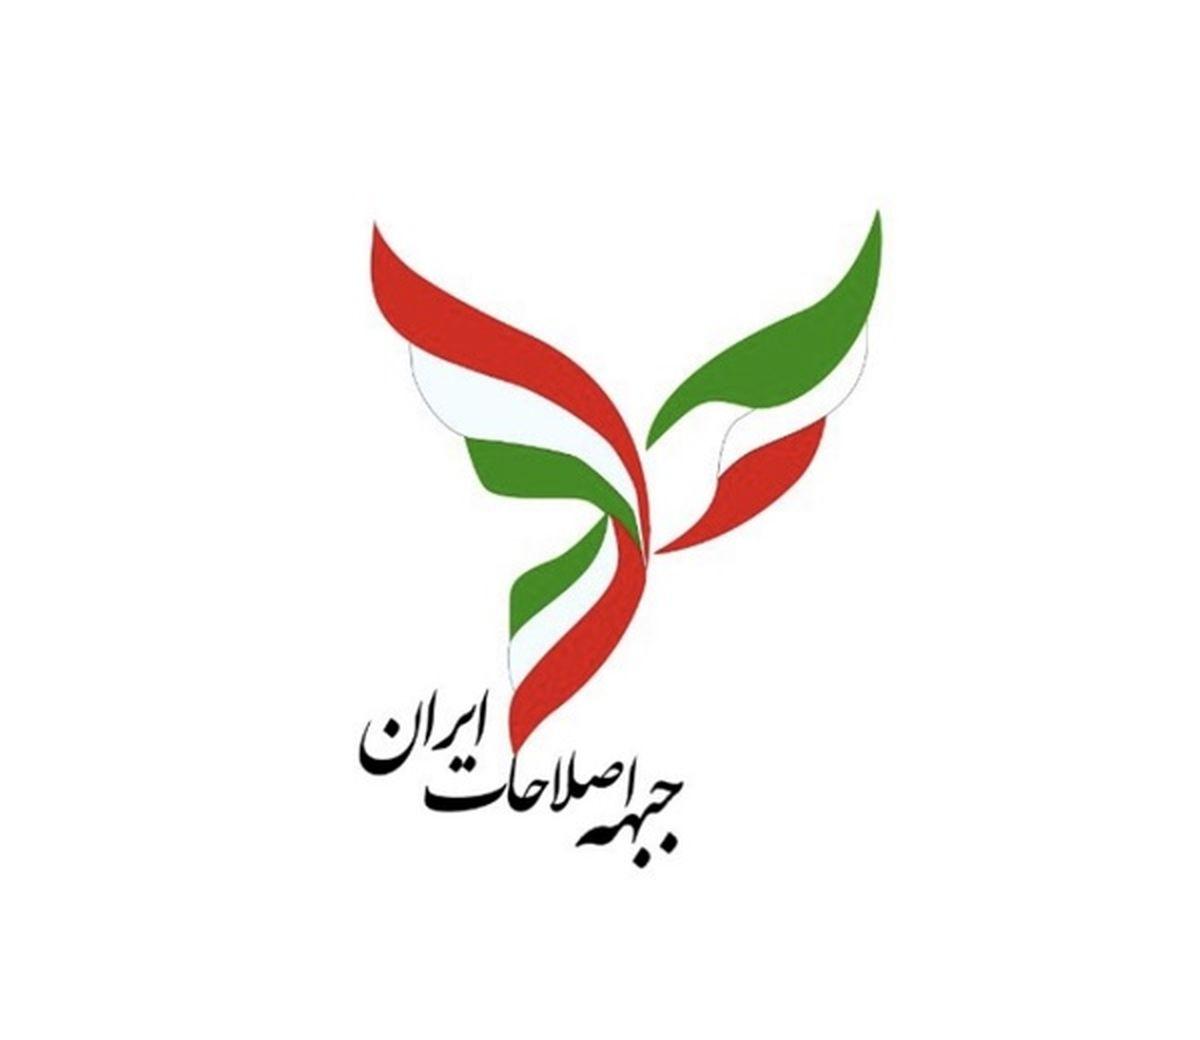 موضع مشخص جبهه اصلاحات درباره انتخابات 1400